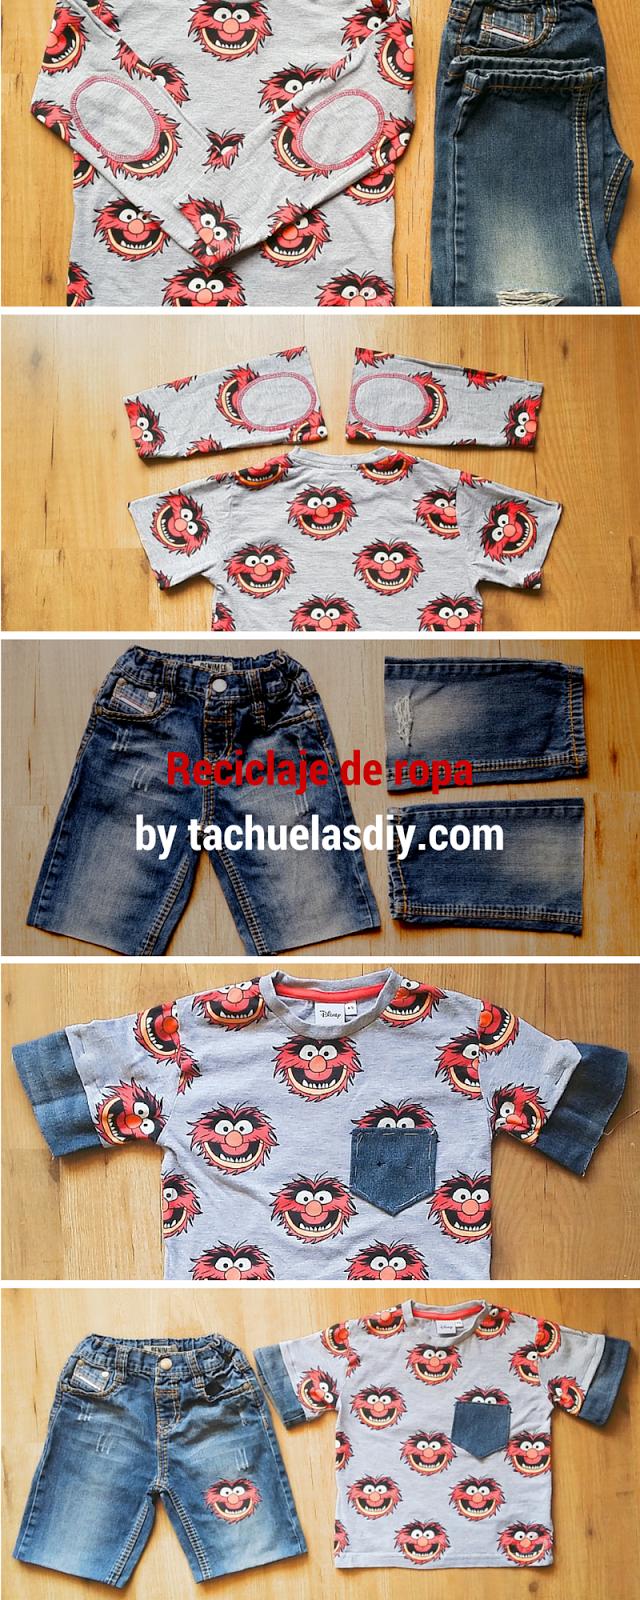 Tutorial paso a paso de como reciclar ropa de invierno y aprovecharla para el verano y además combinar la ropa y transformarla en un conjunto molón.